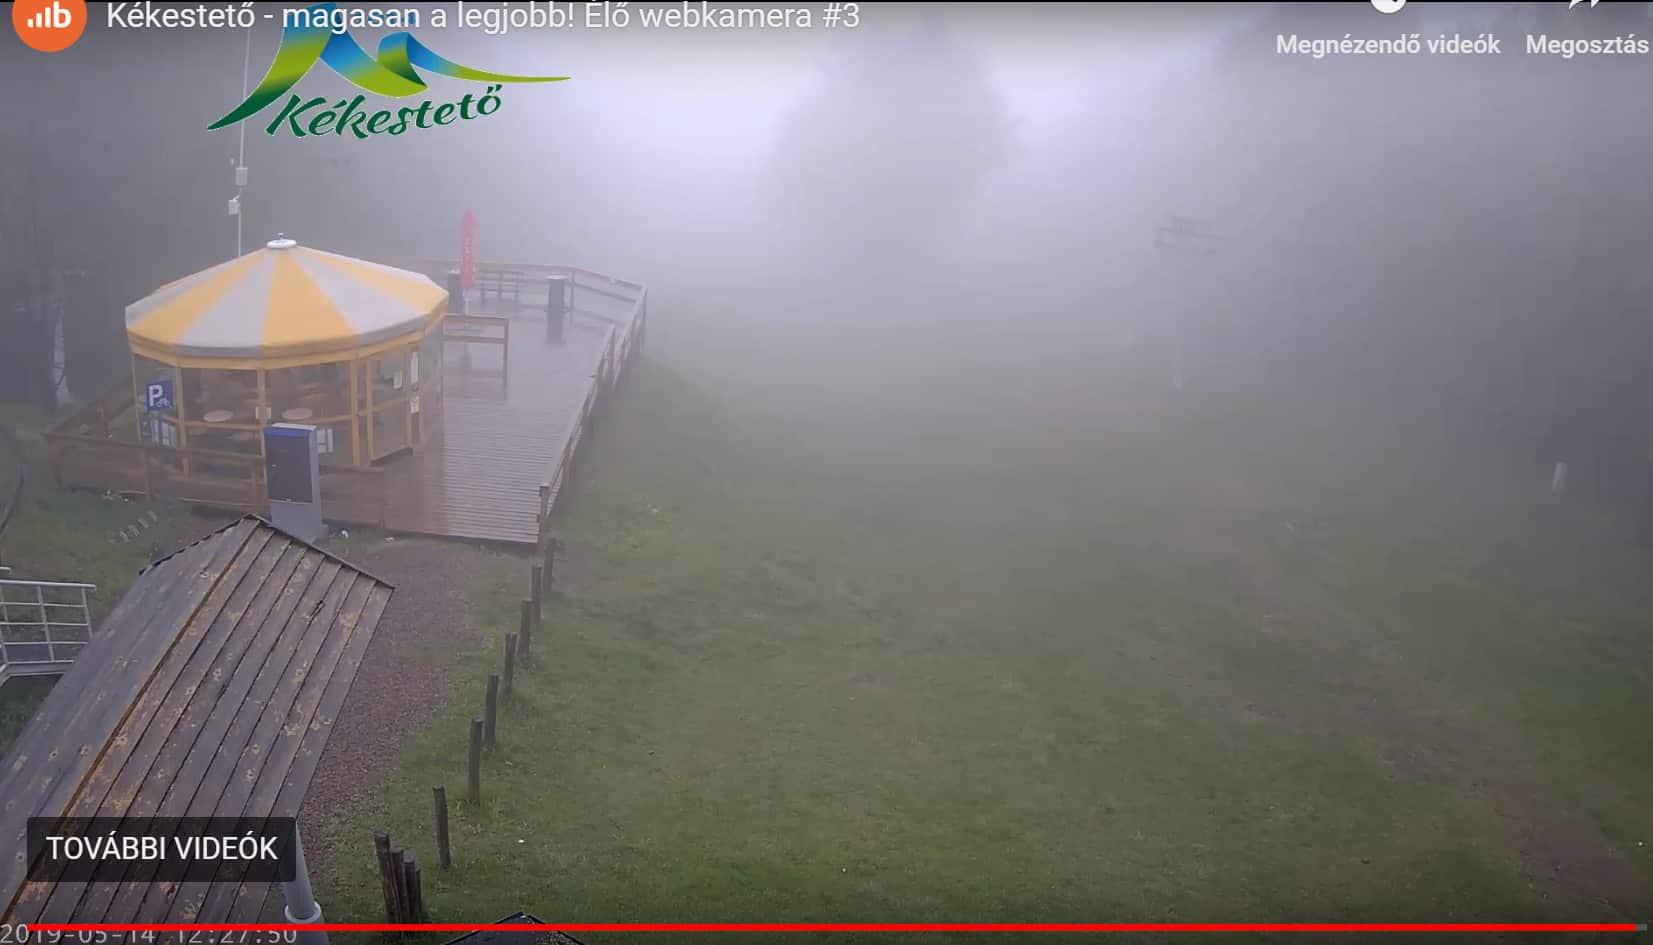 Havazik a Kékestetőn!